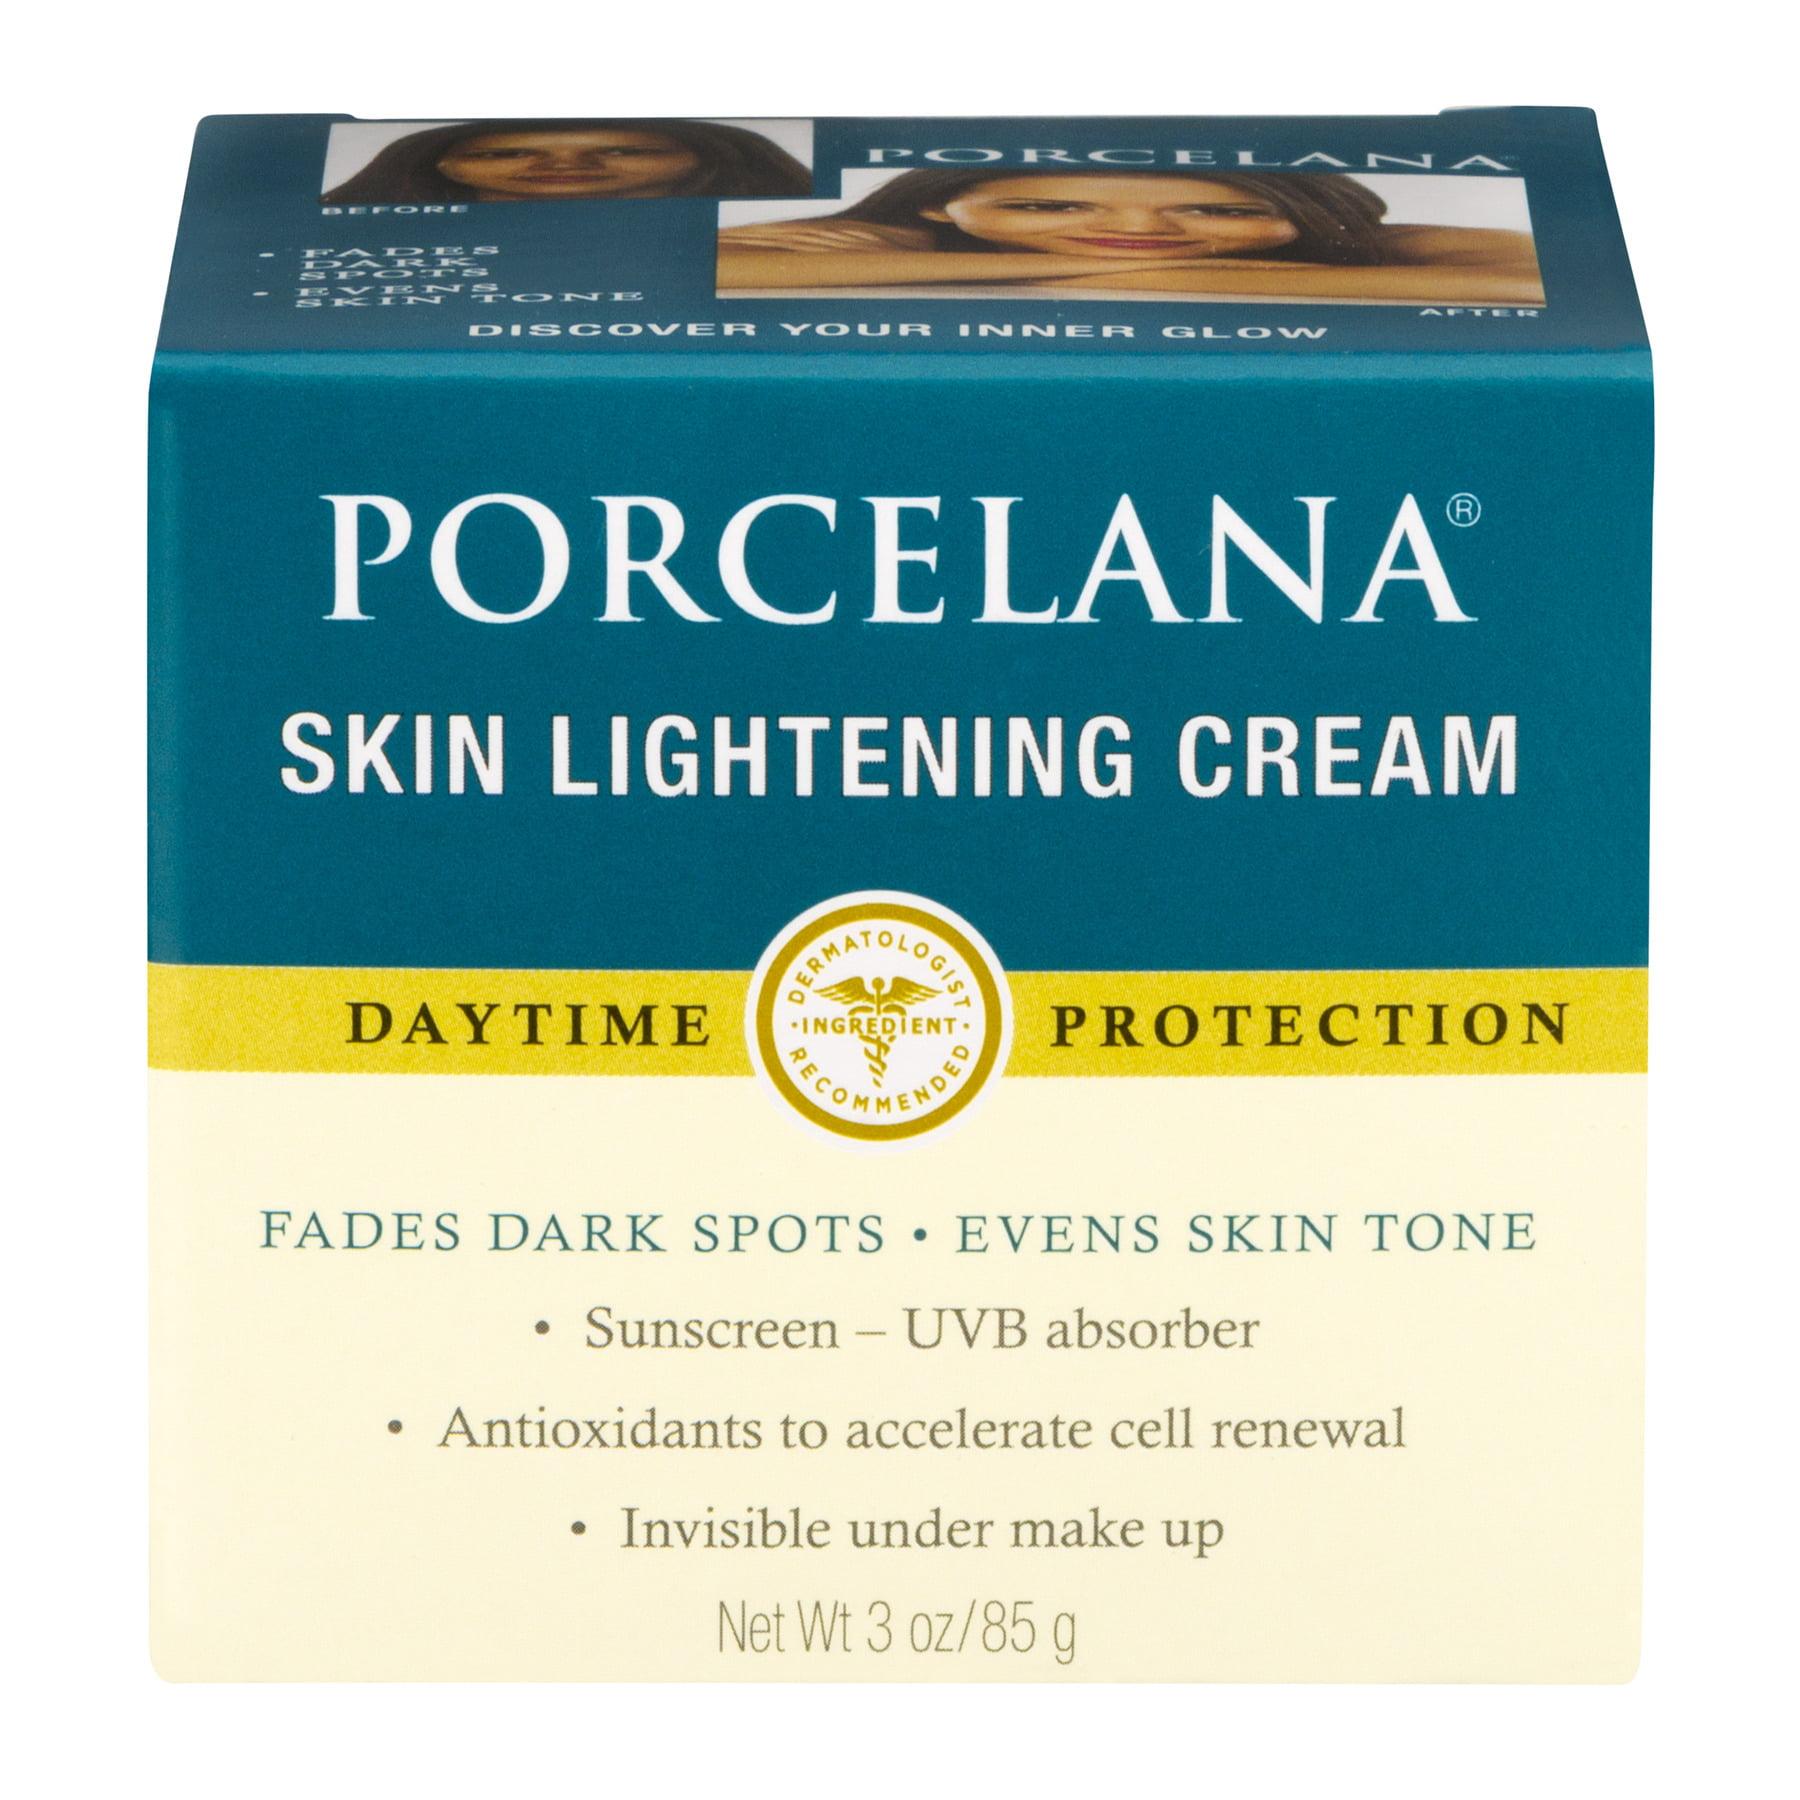 Atrevimiento Contracción Hectáreas  Porcelana Skin Lightening Day Cream and Fade Dark Spots Treatment, 3 oz -  Walmart.com - Walmart.com